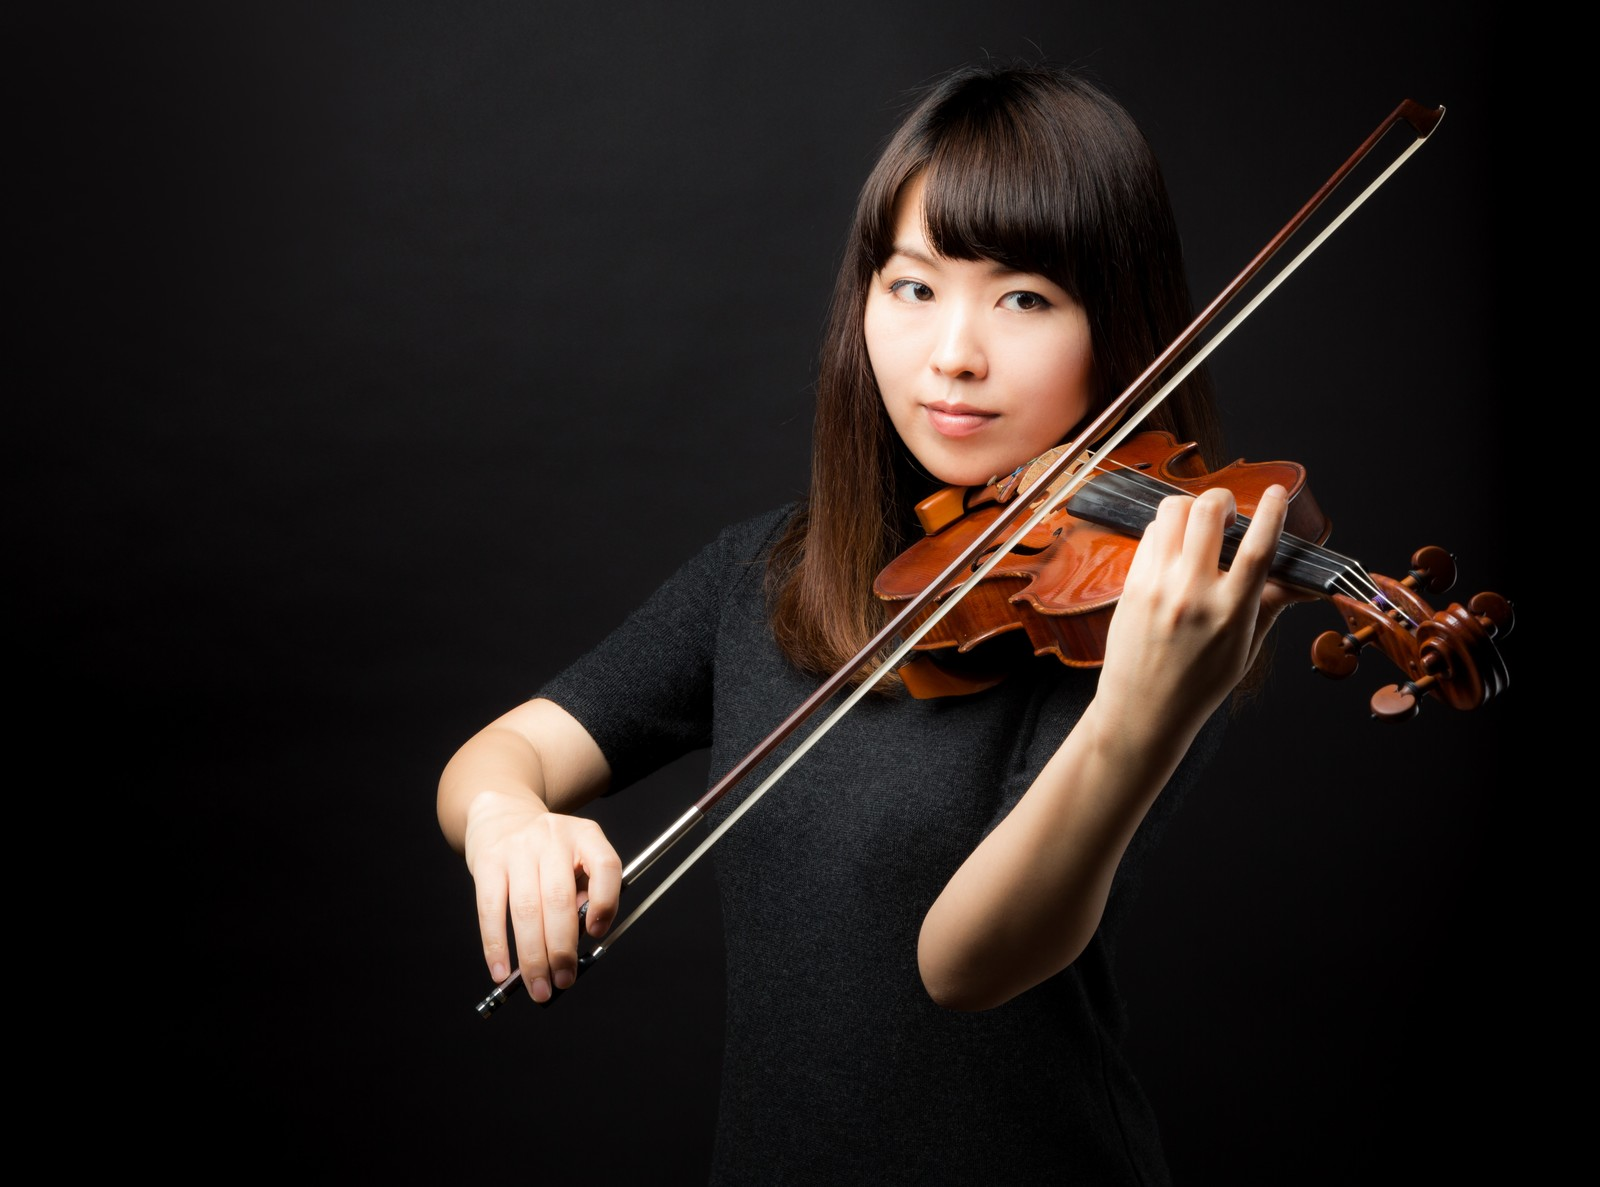 「演奏中の女性」の写真[モデル:yukiko]